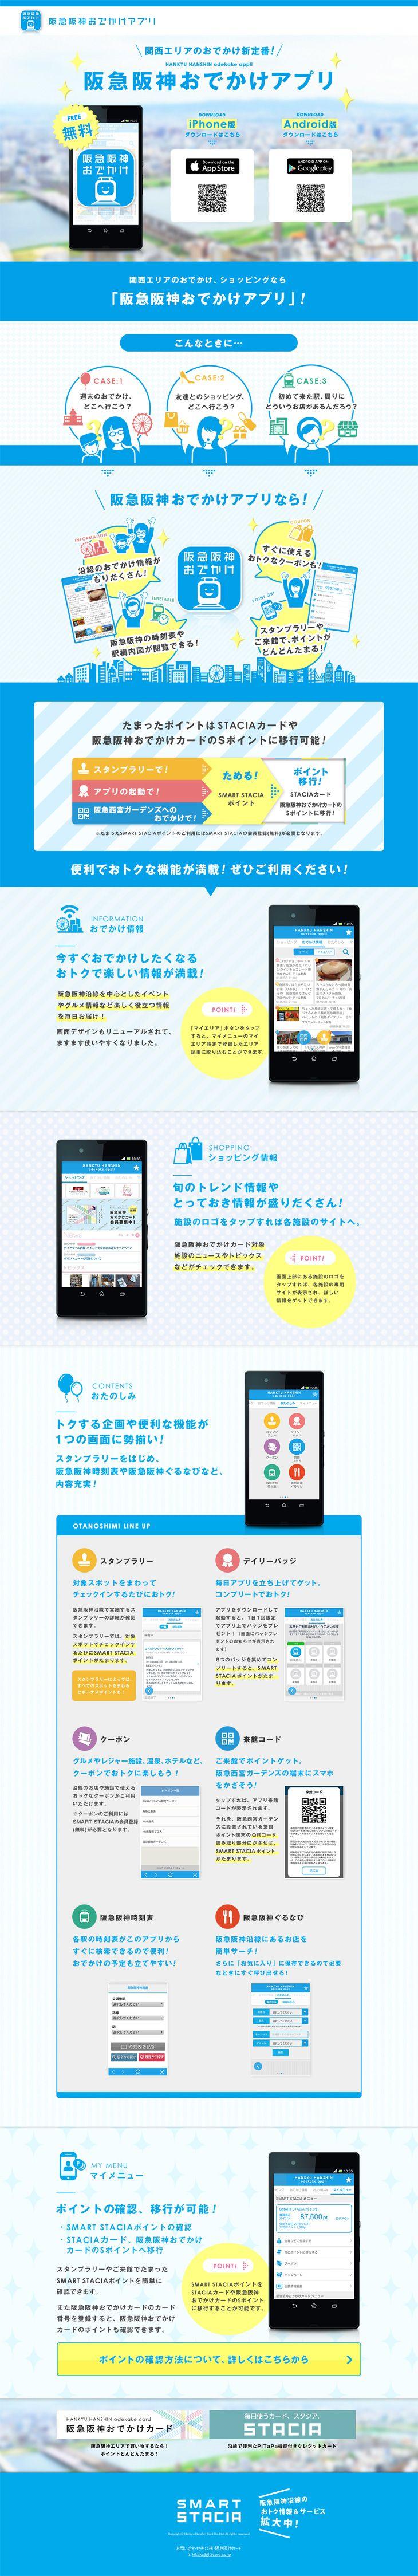 阪急阪神おでかけアプリ【インターネットサービス関連】のLPデザイン。WEBデザイナーさん必見!ランディングページのデザイン参考に(シンプル系)